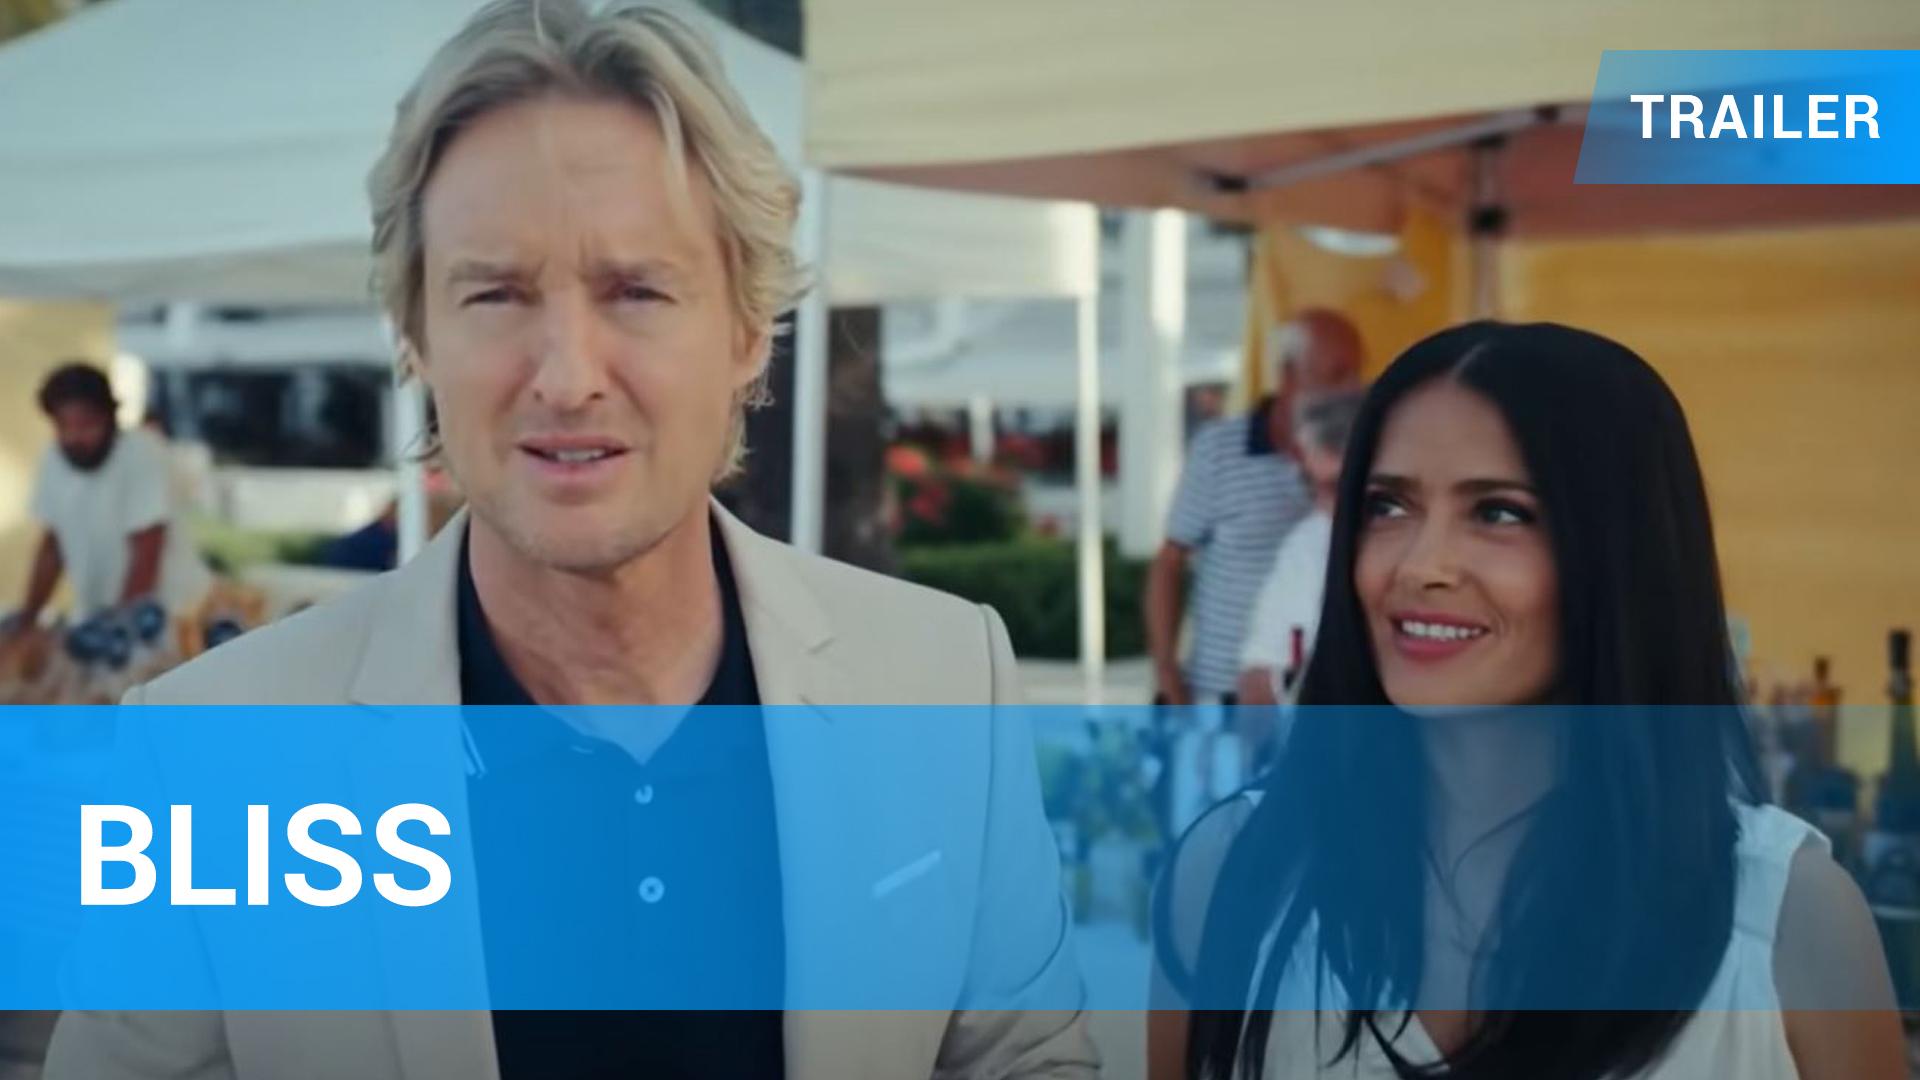 Bliss Film (2021) · Trailer · Kritik · KINO.de